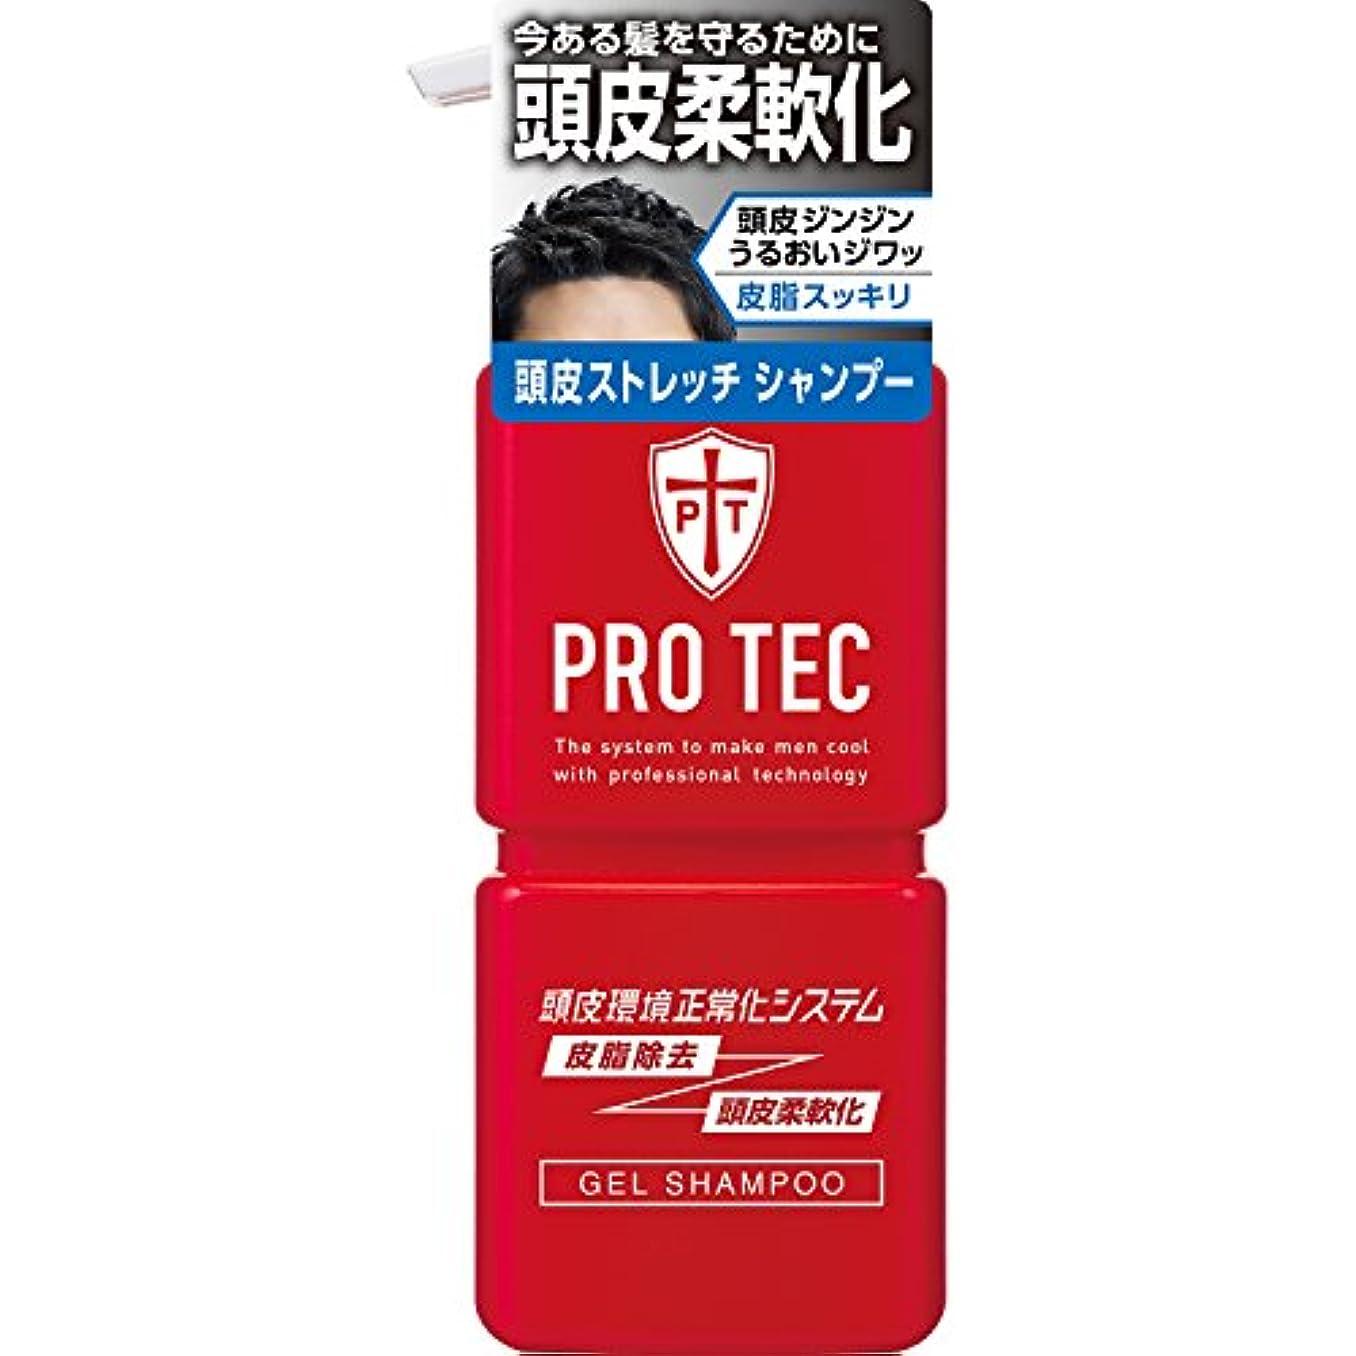 アニメーション幻想ブルPRO TEC(プロテク) 頭皮ストレッチ シャンプー 本体ポンプ 300g(医薬部外品)